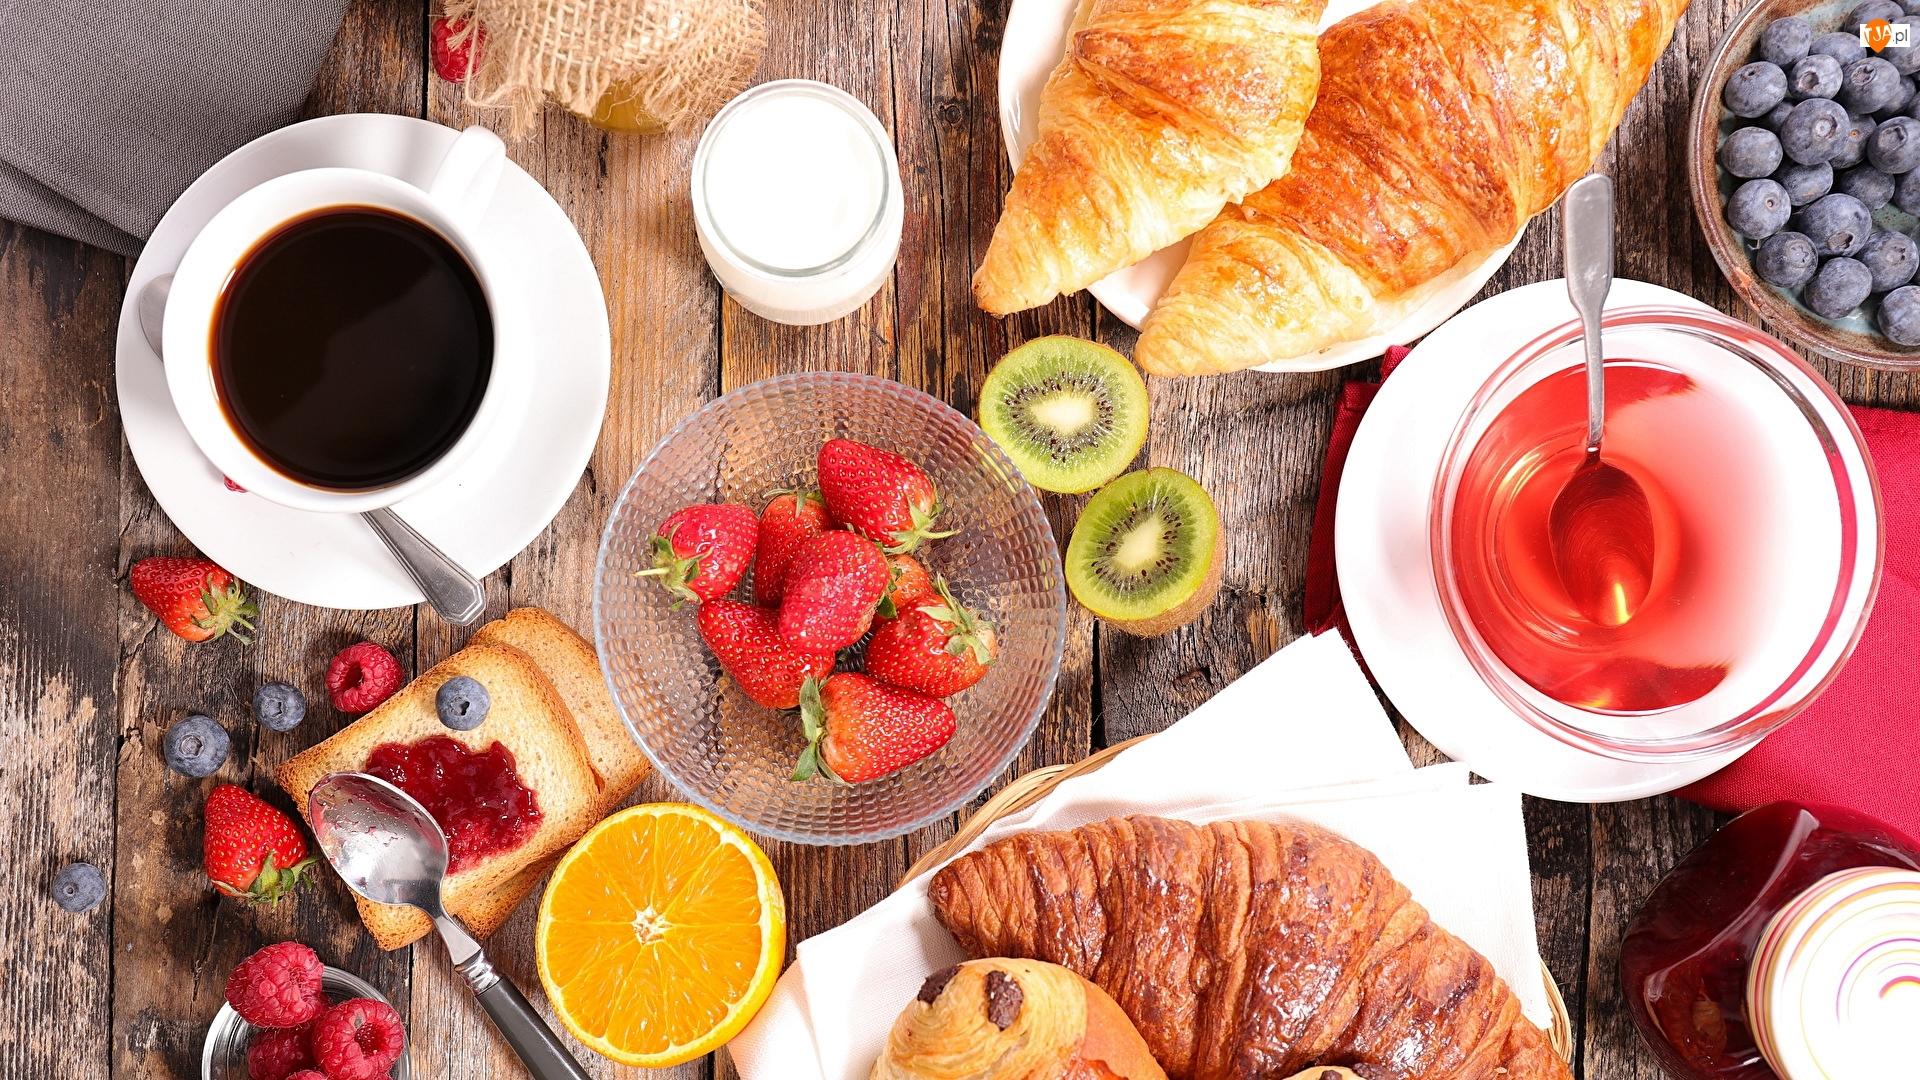 Kawa, Śniadanie, Croissanty, Owoce, Rogaliki, Truskawki